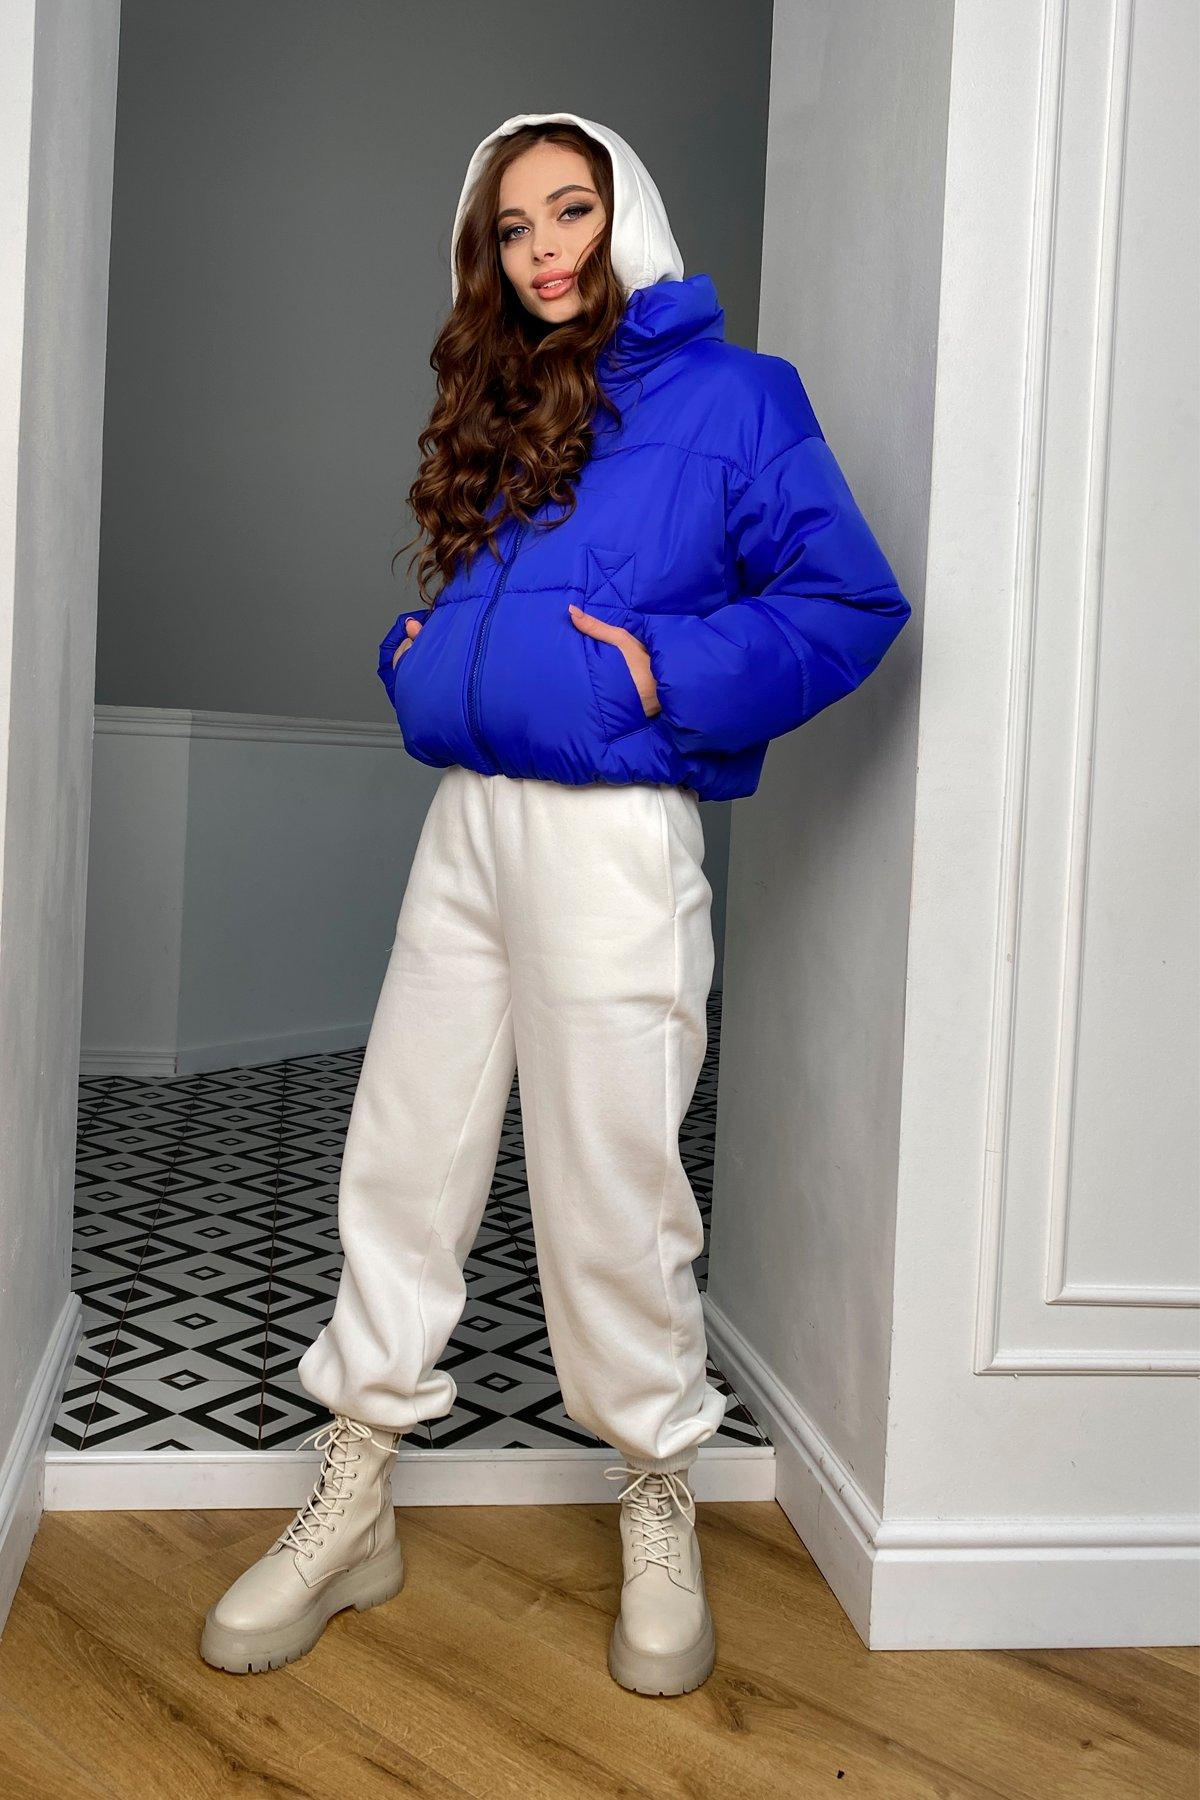 Драйв куртка из плащевой ткани 10448 АРТ. 46769 Цвет: Электрик 1052 - фото 9, интернет магазин tm-modus.ru